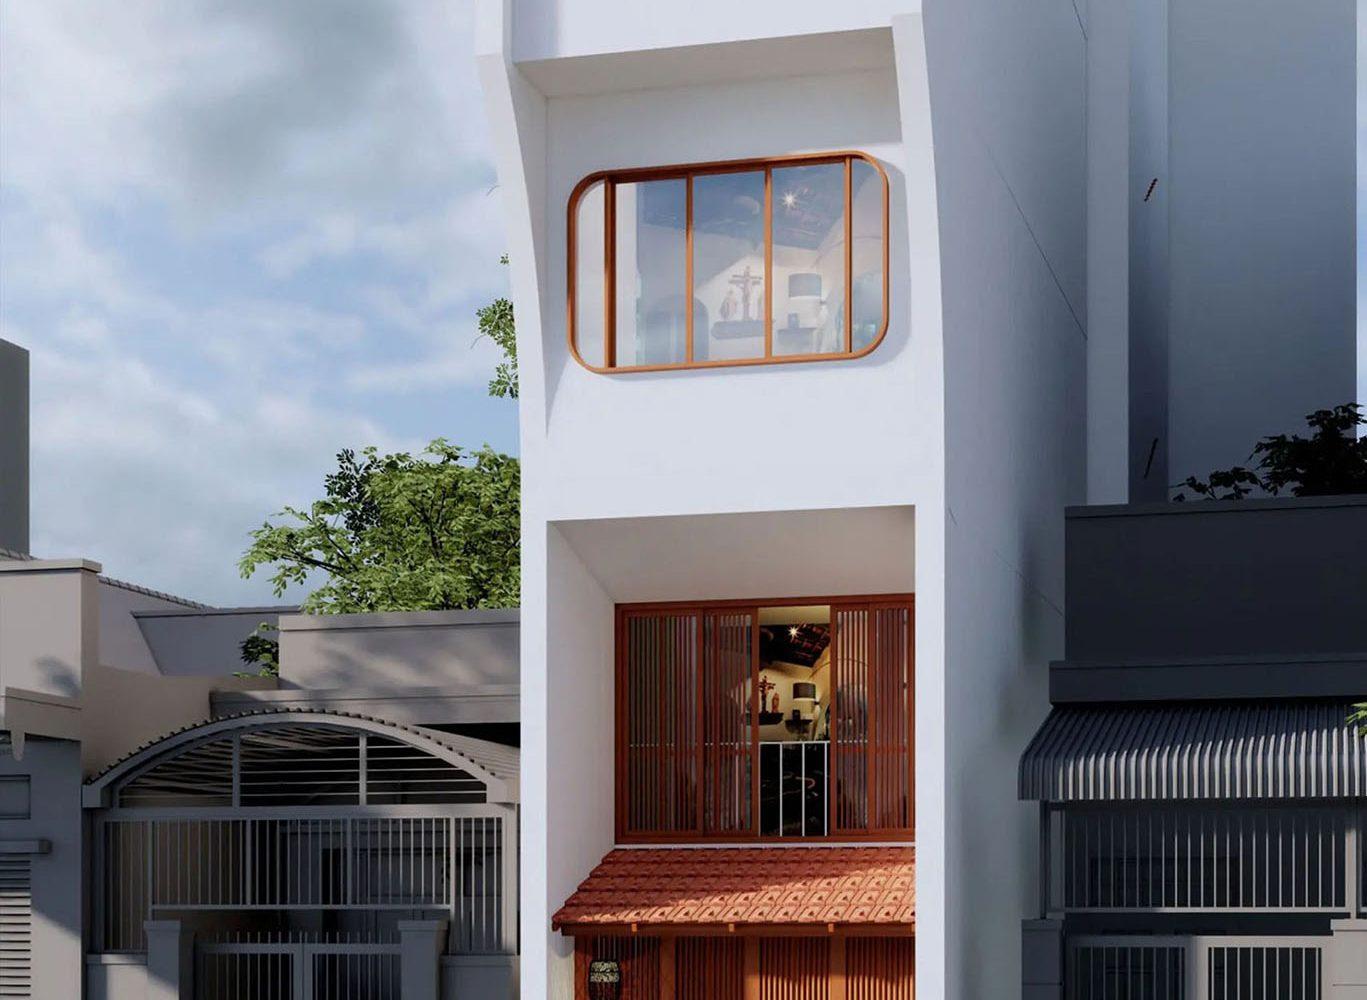 Thiết kế kí túc xá hostel trẻ trung cho sinh viên và khách du lịch tại thành Hà Nội